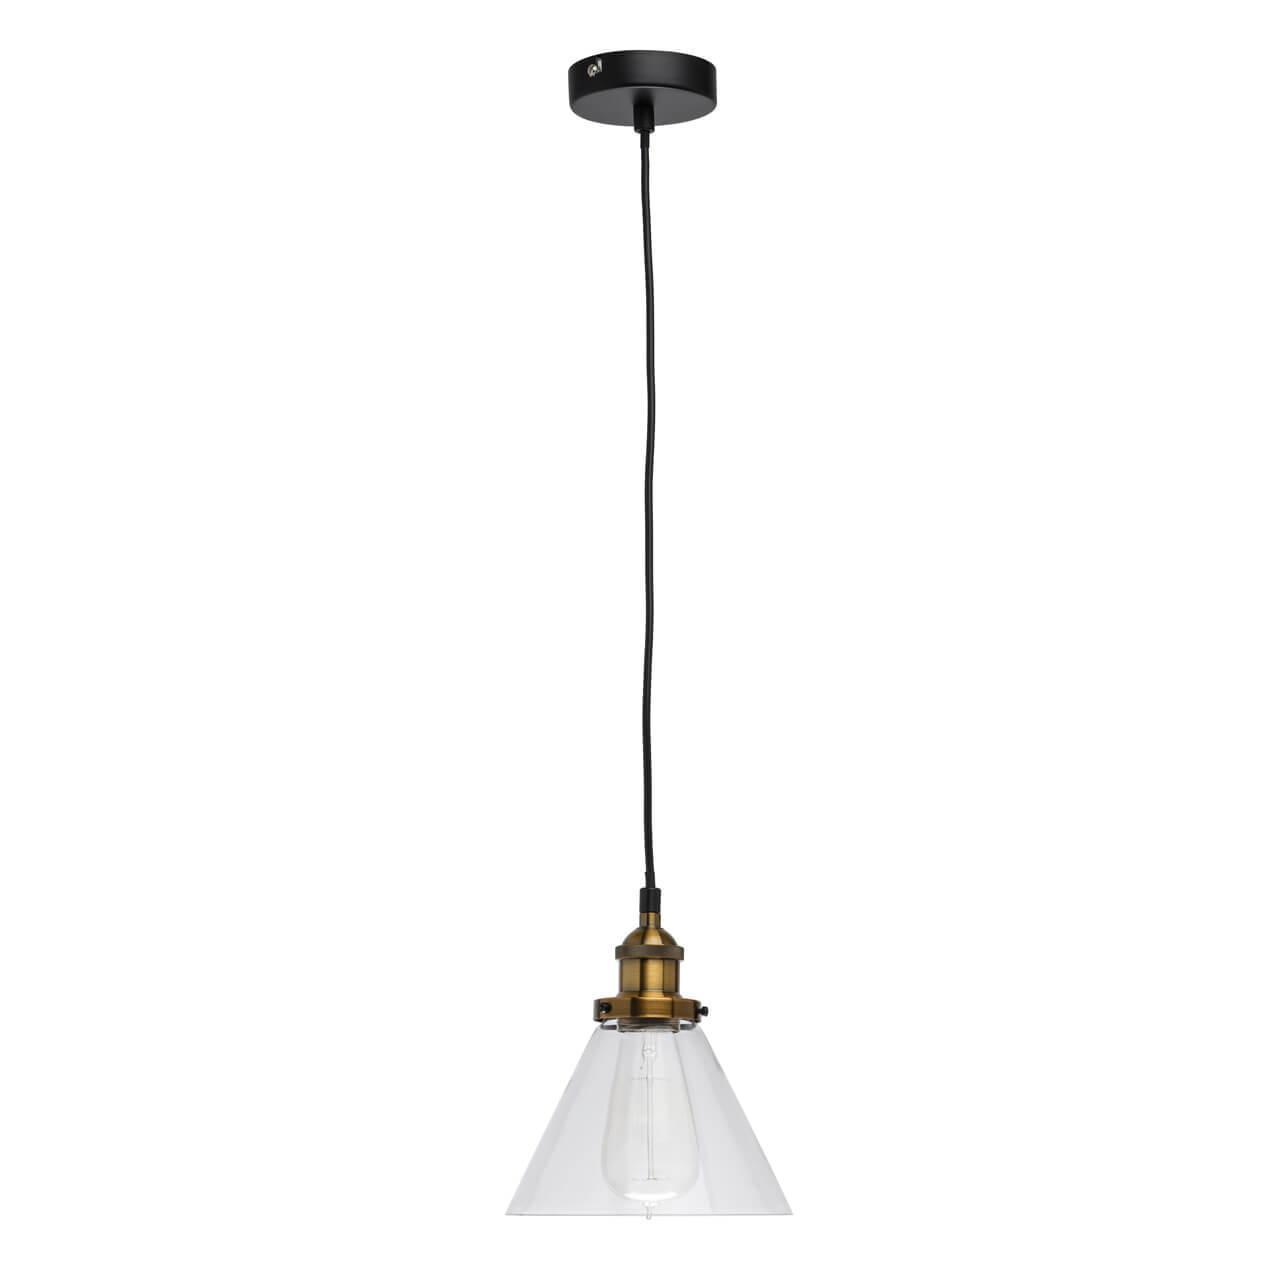 Подвесной светильник De Markt 392017701, E27, 40 Вт